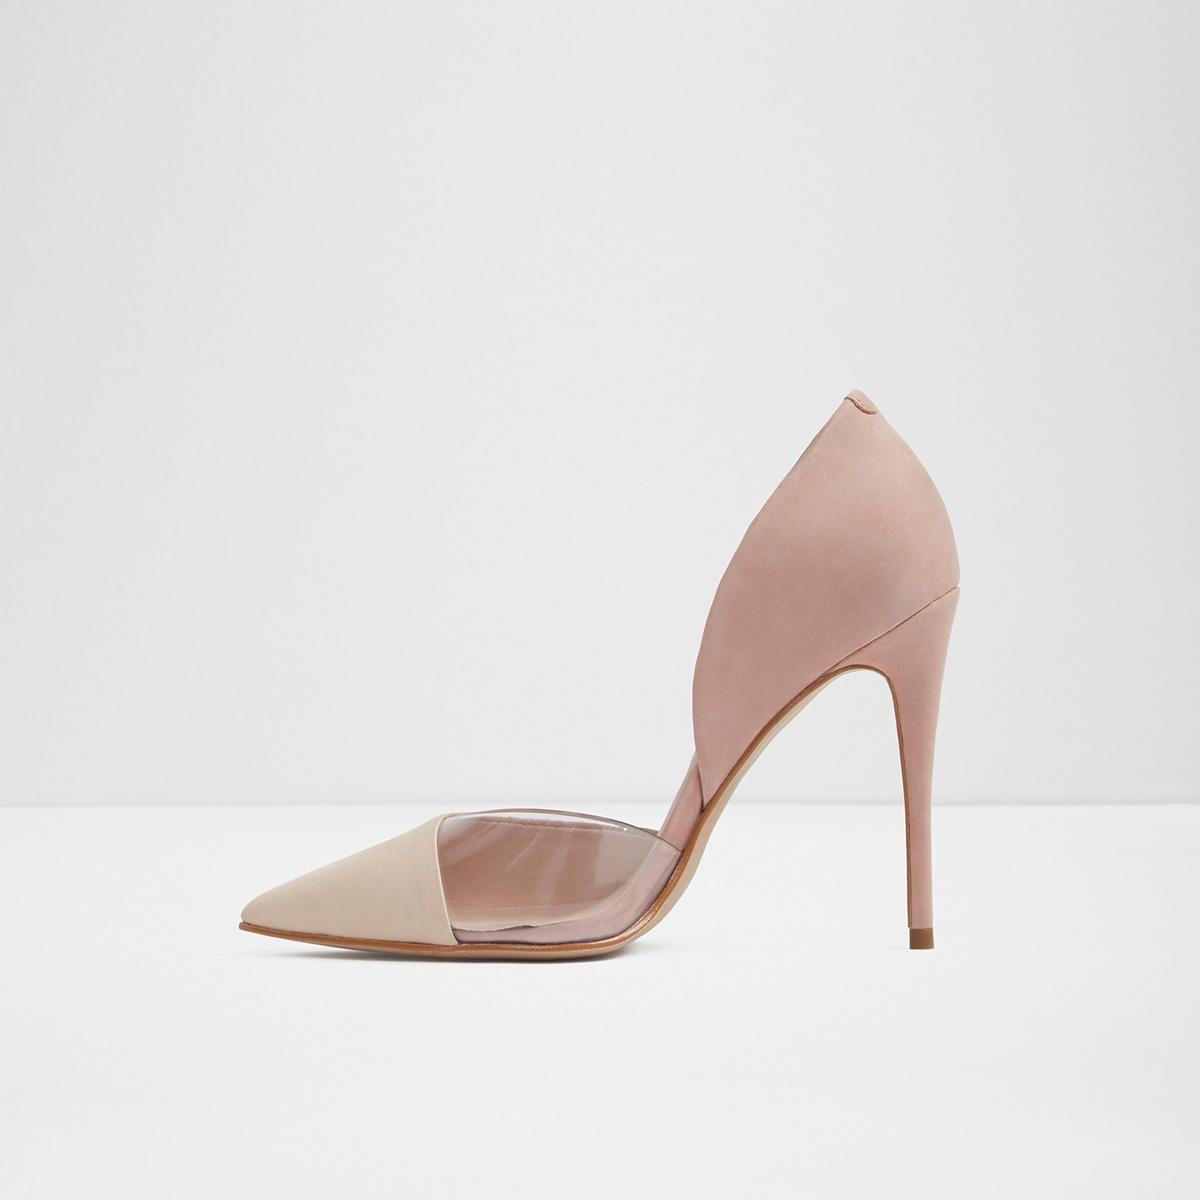 Legiralia Bone Nubuck Women S Pumps Aldo Canada Heels Aldo Heels Aldo Shoes